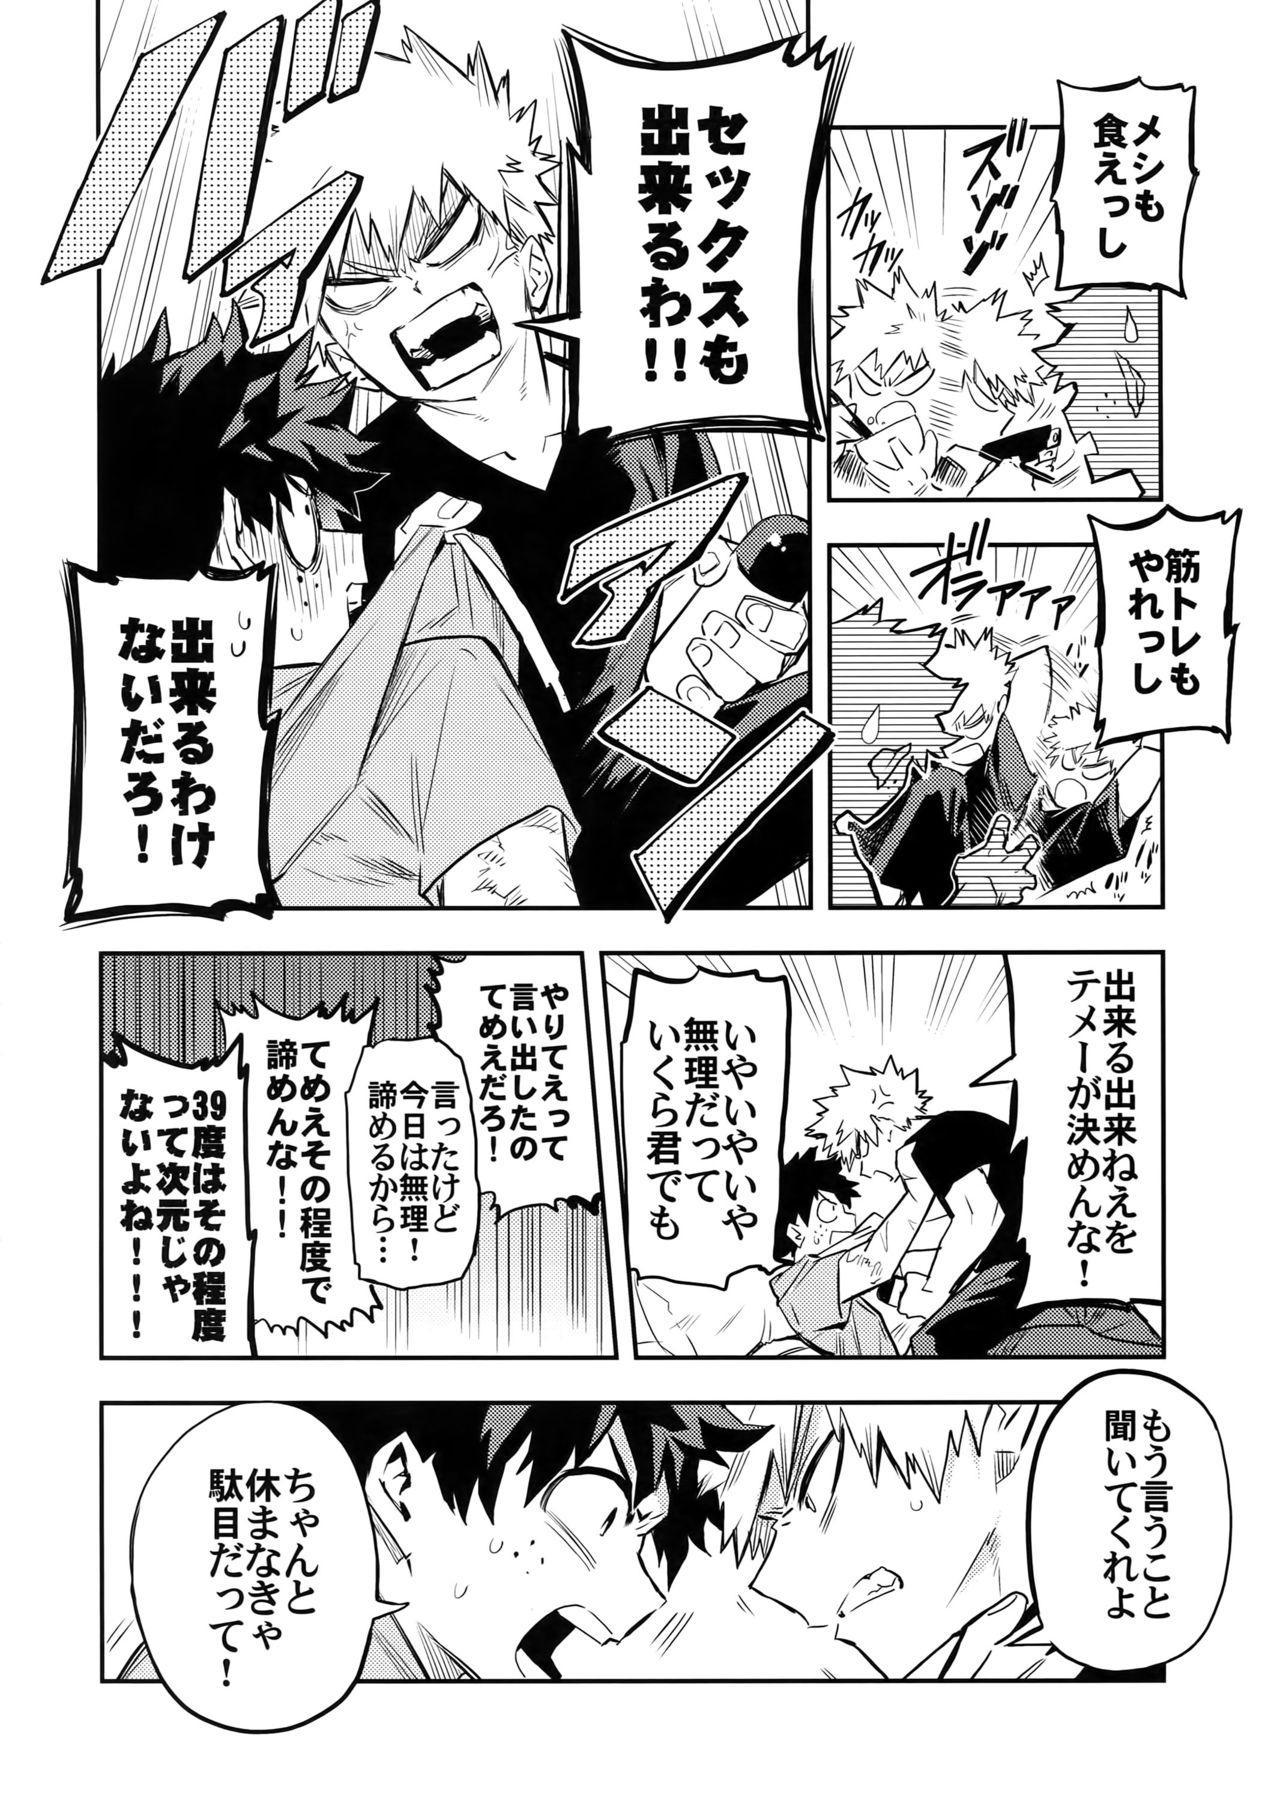 Kazehiki Kacchan to Boku no Koubousen 6